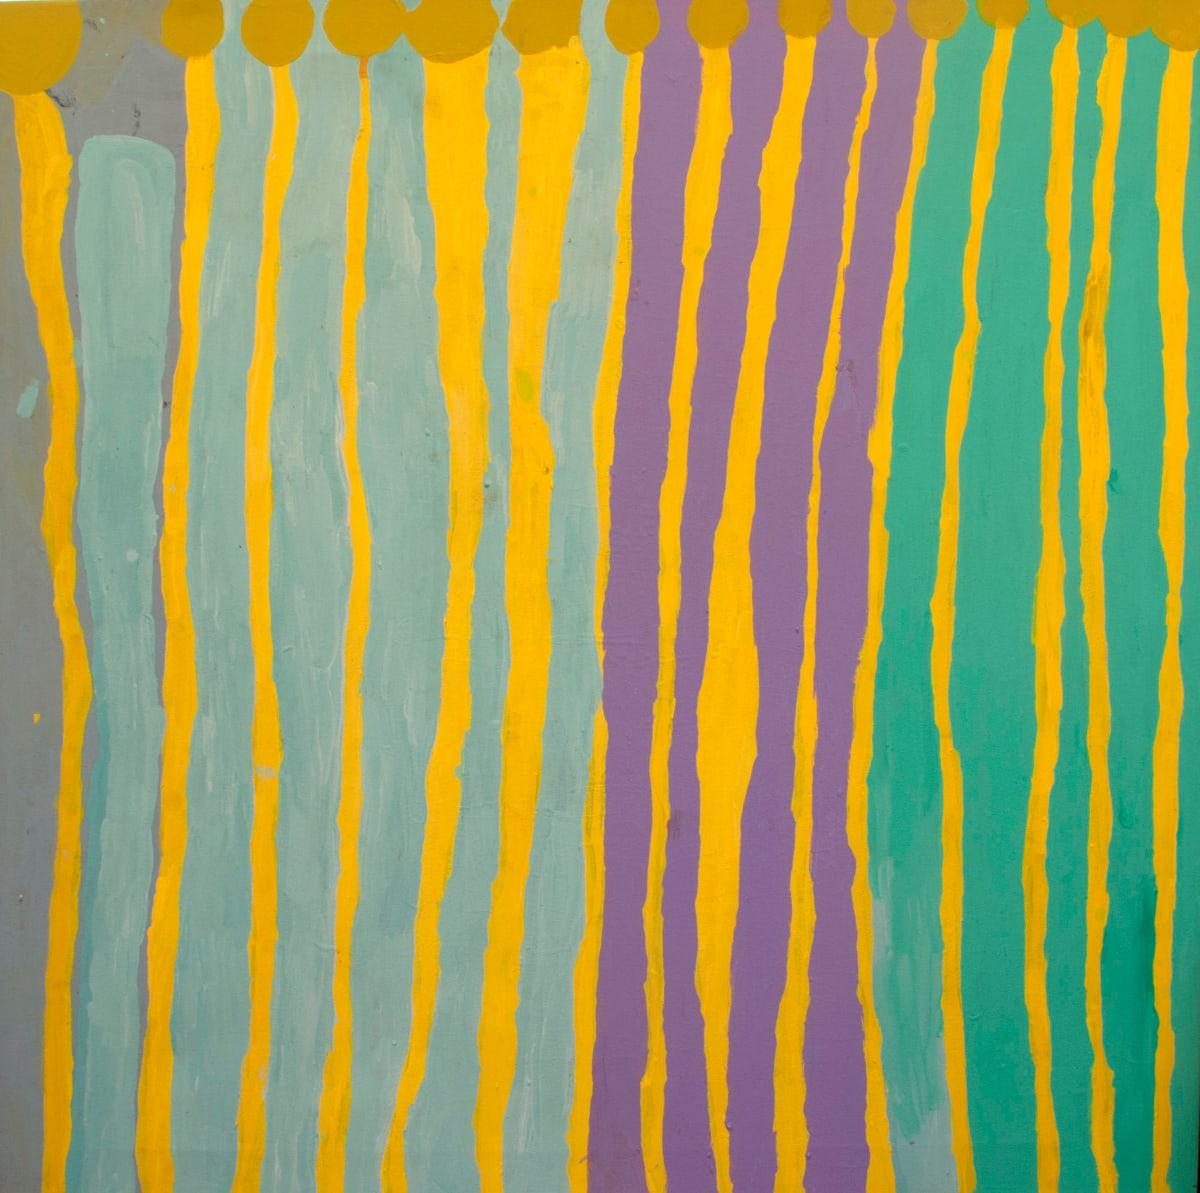 Lisa Uhl Turtujarti acrylic on canvas 120 x 120 cm